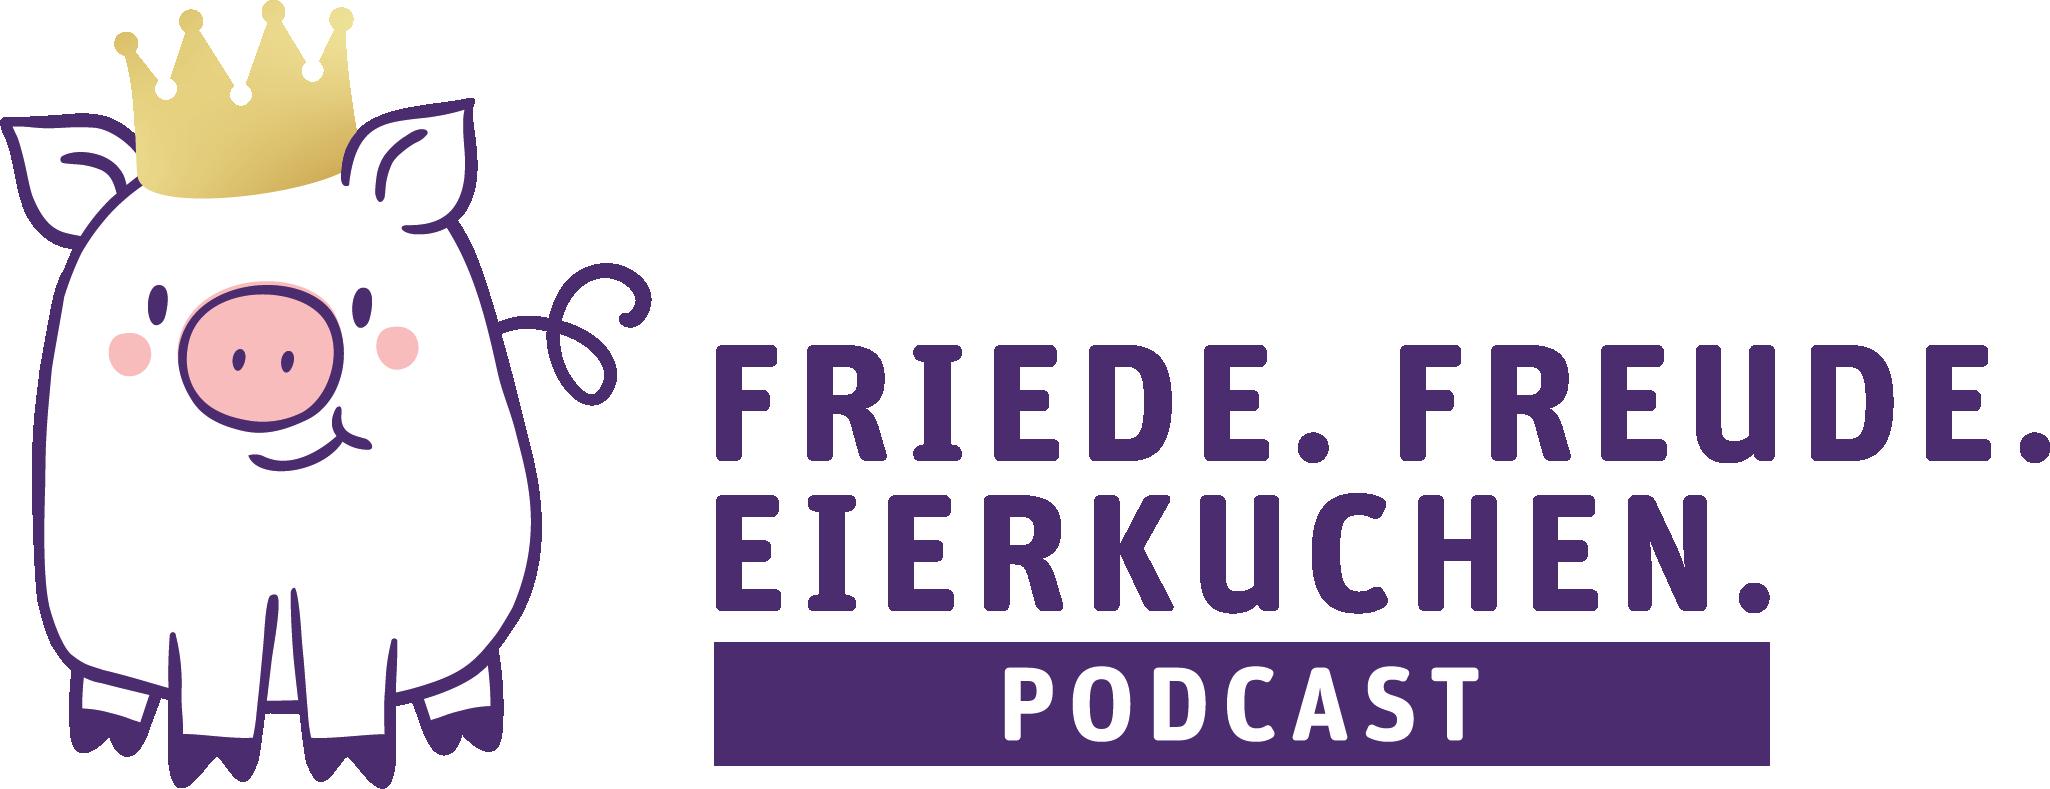 ffe_schweinchen_podcast_color_cmyk